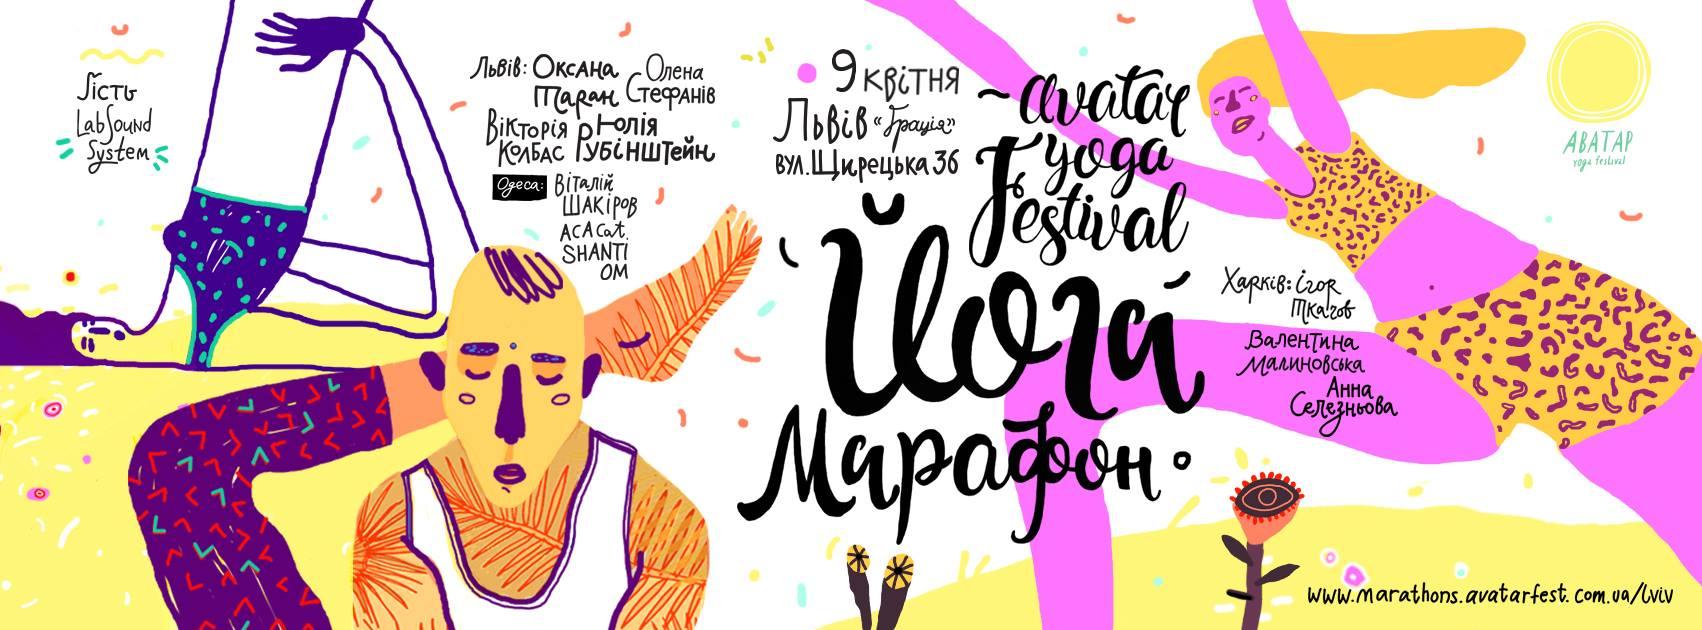 Йога-марафон от Avatar Yoga Festival во Львове